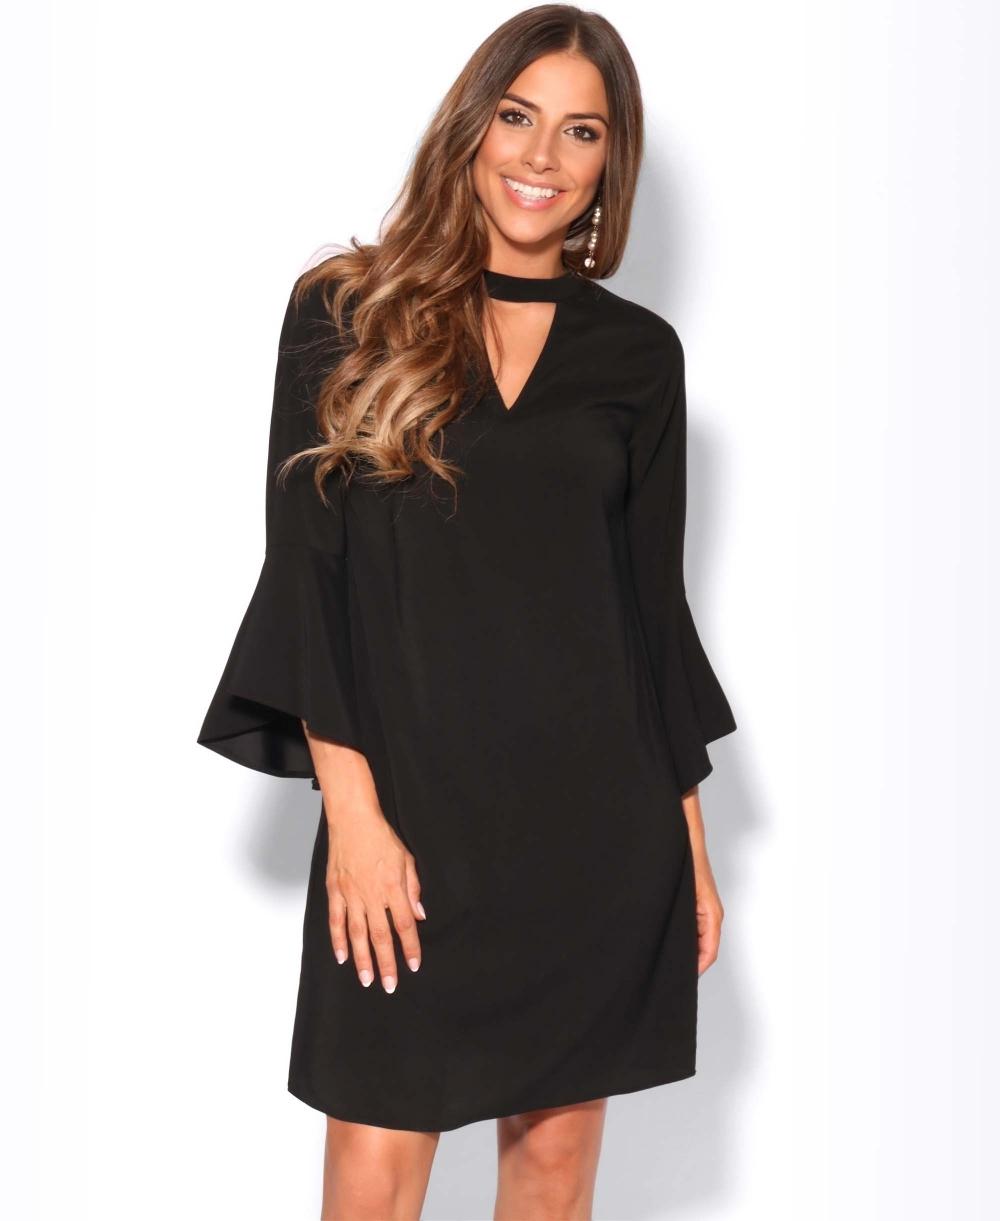 7a4999a997b2e Tunic Dress | Bell Sleeve Choker Tunic Dress | KRISP